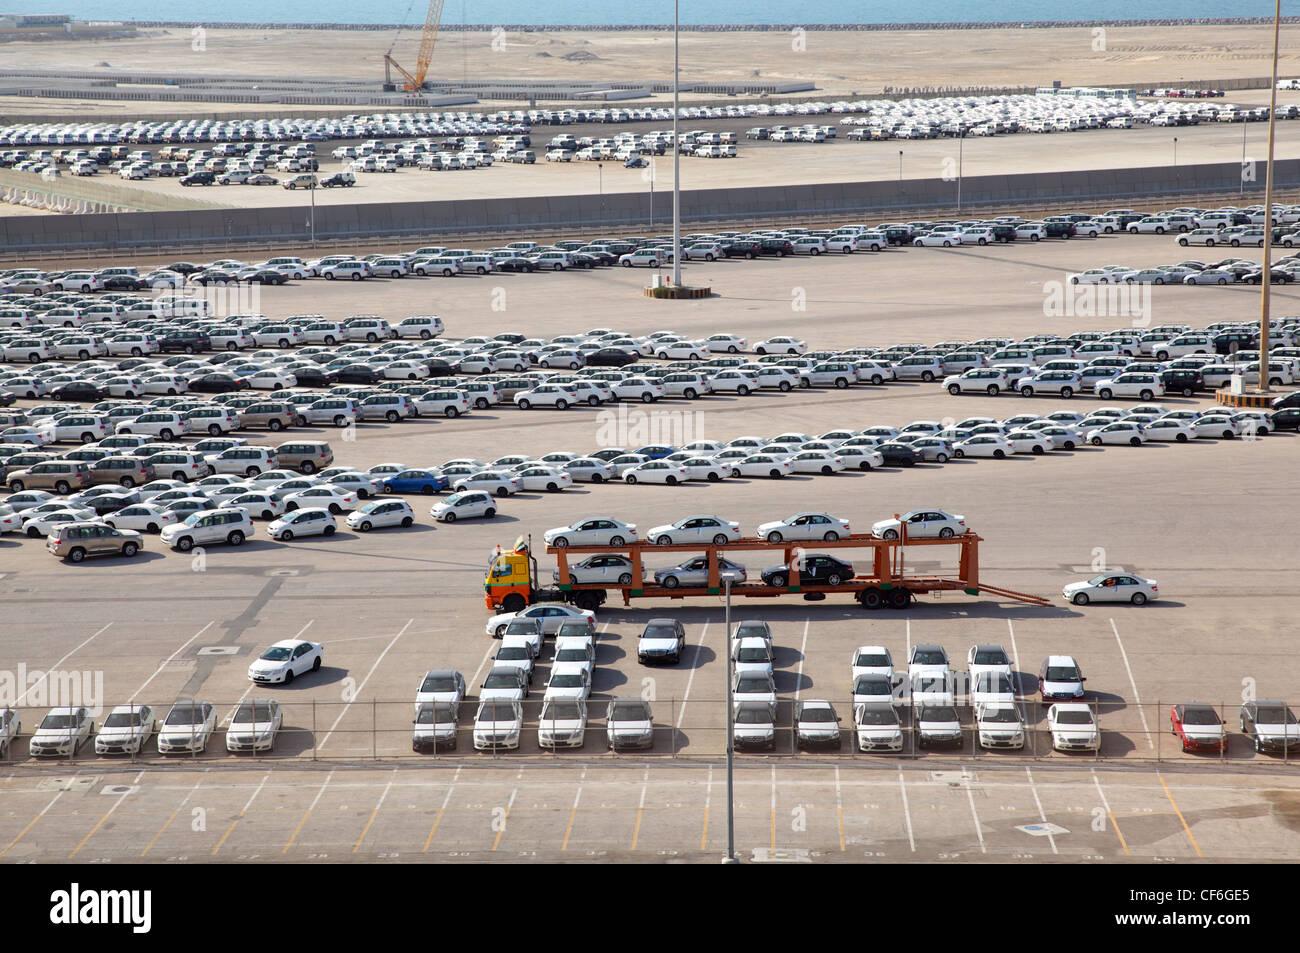 Car Auction Lot Stock Photos & Car Auction Lot Stock Images